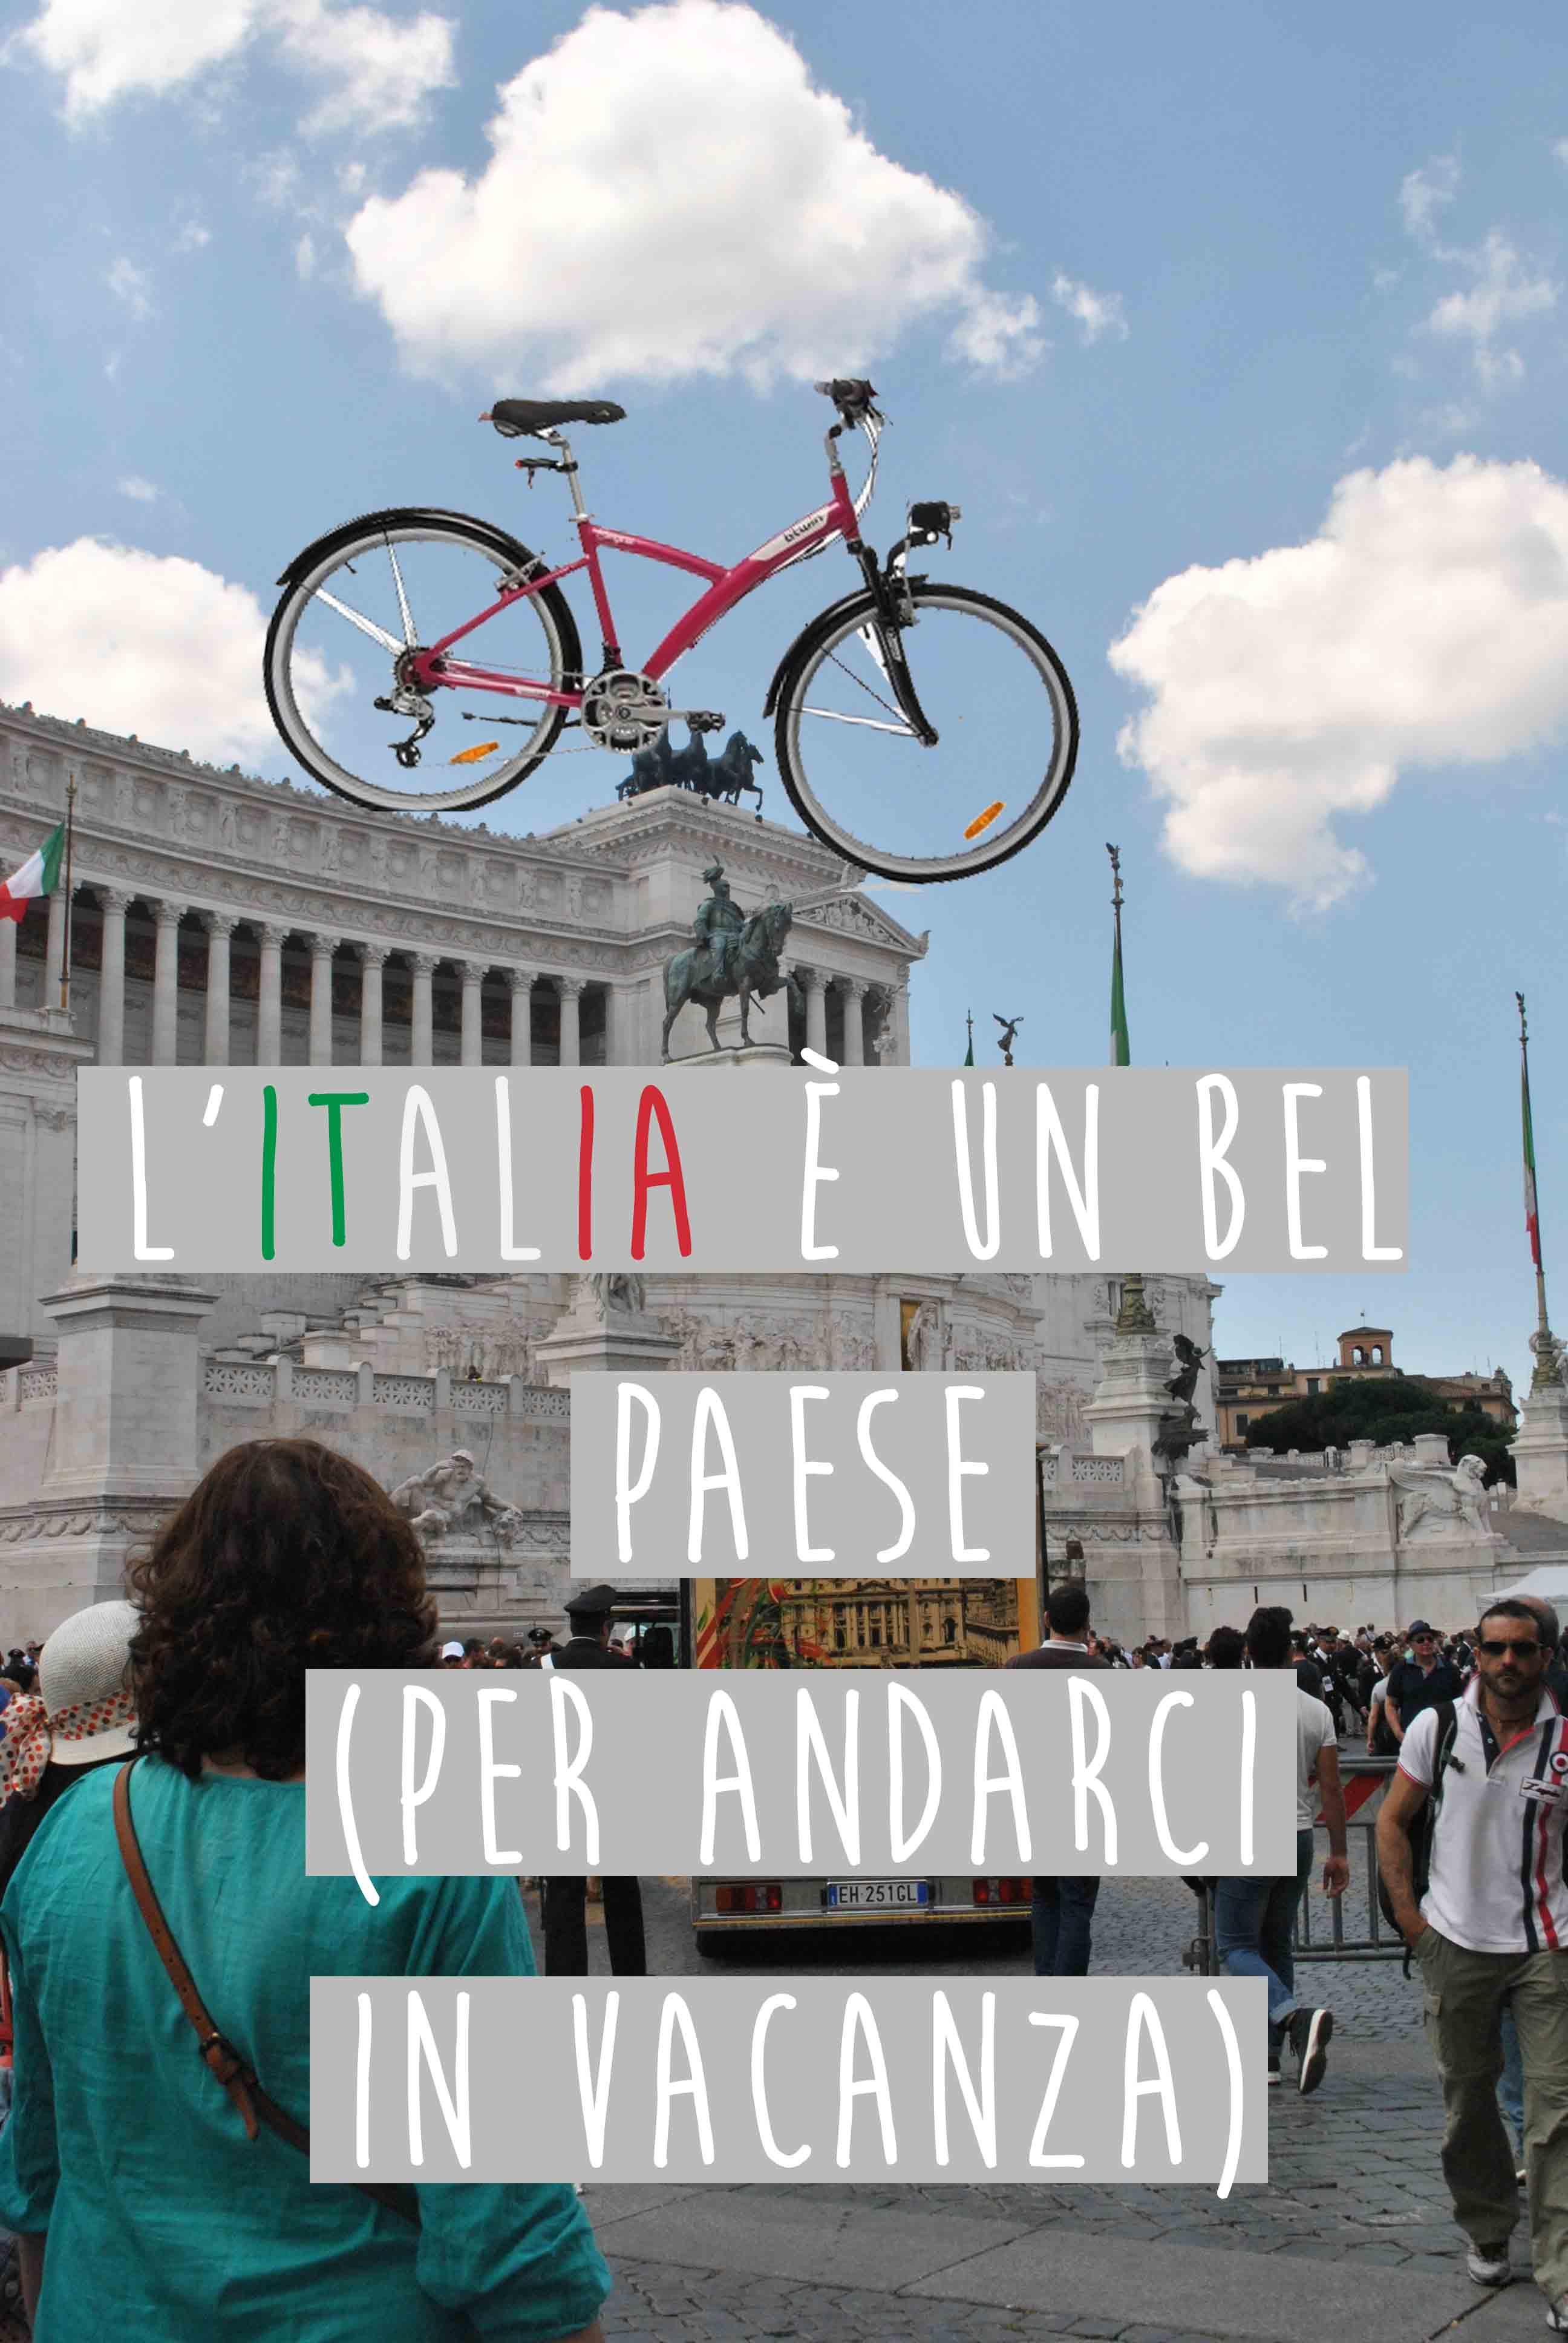 l'italia_e_un_bel_paese_per_andarci_in_vacanza